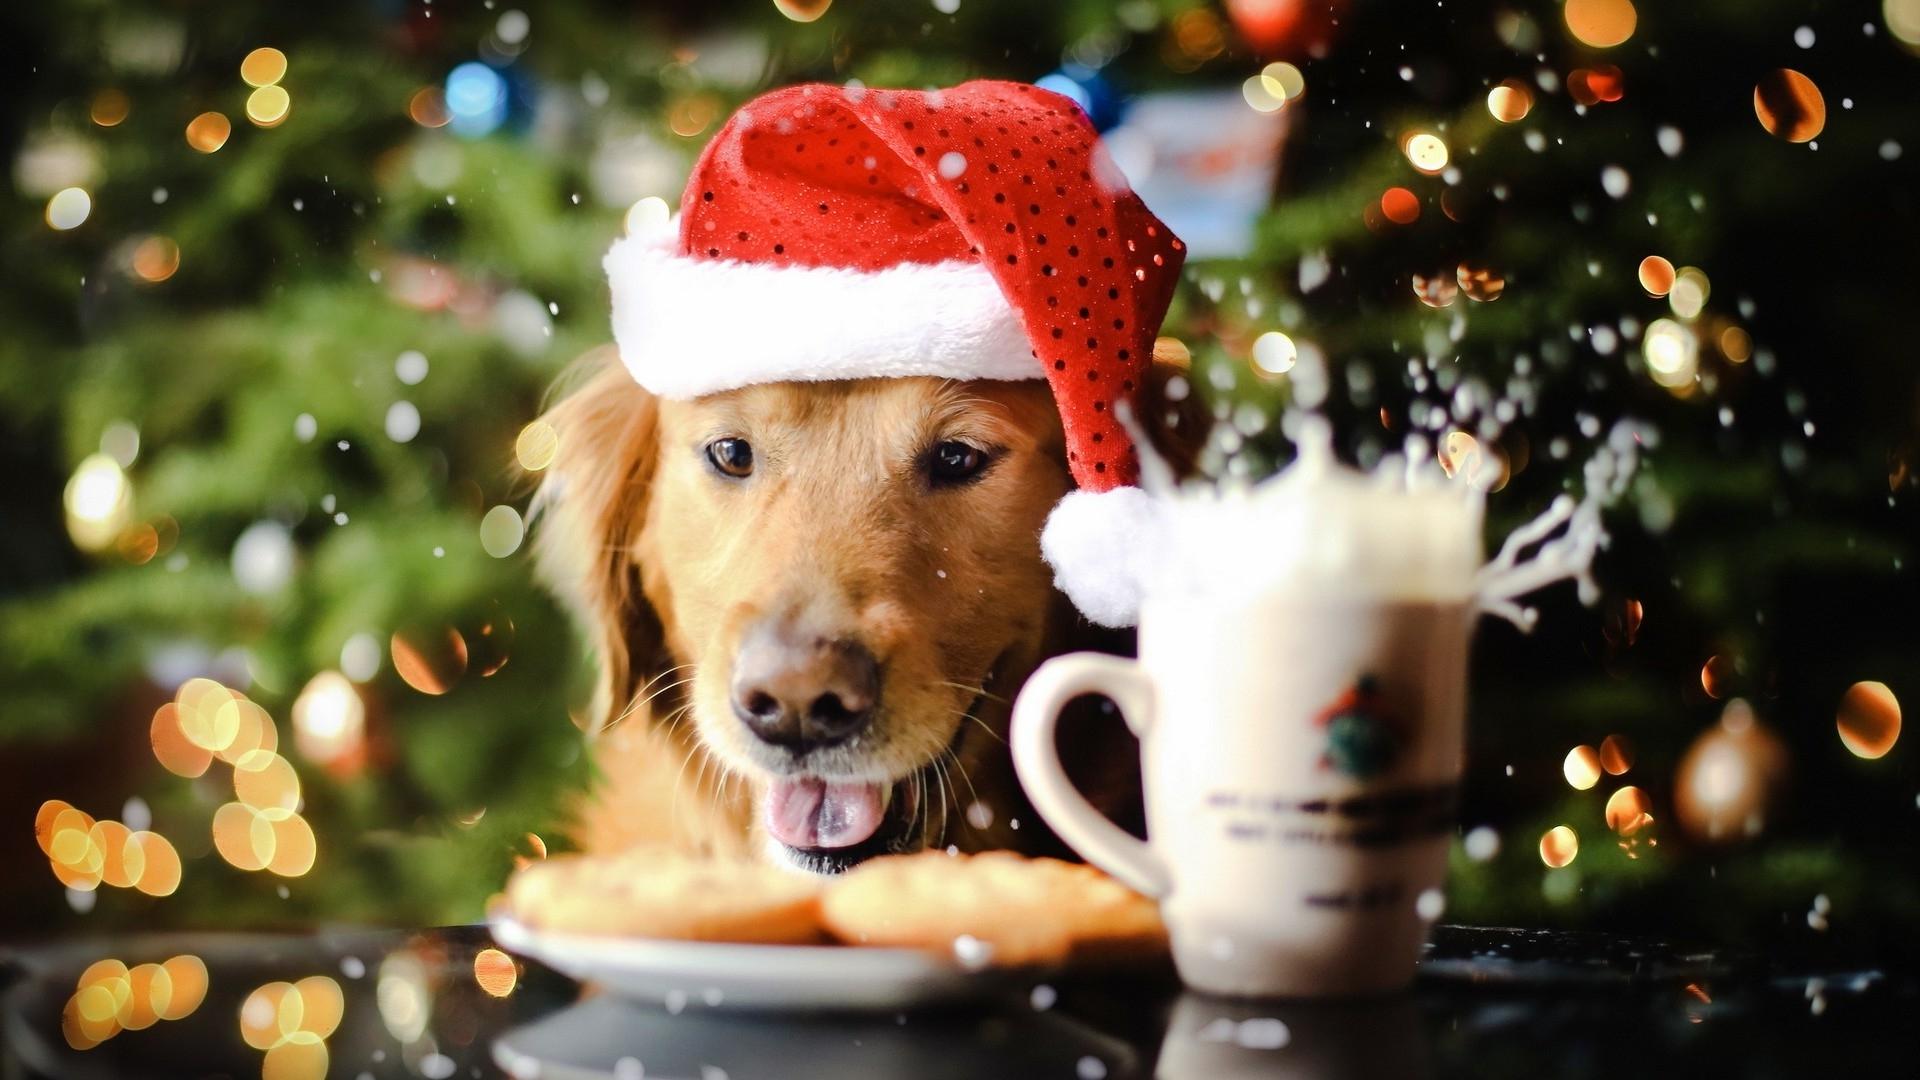 bonitas-imagenes-de-perros-navidenos-para-fondo-de-escritorio